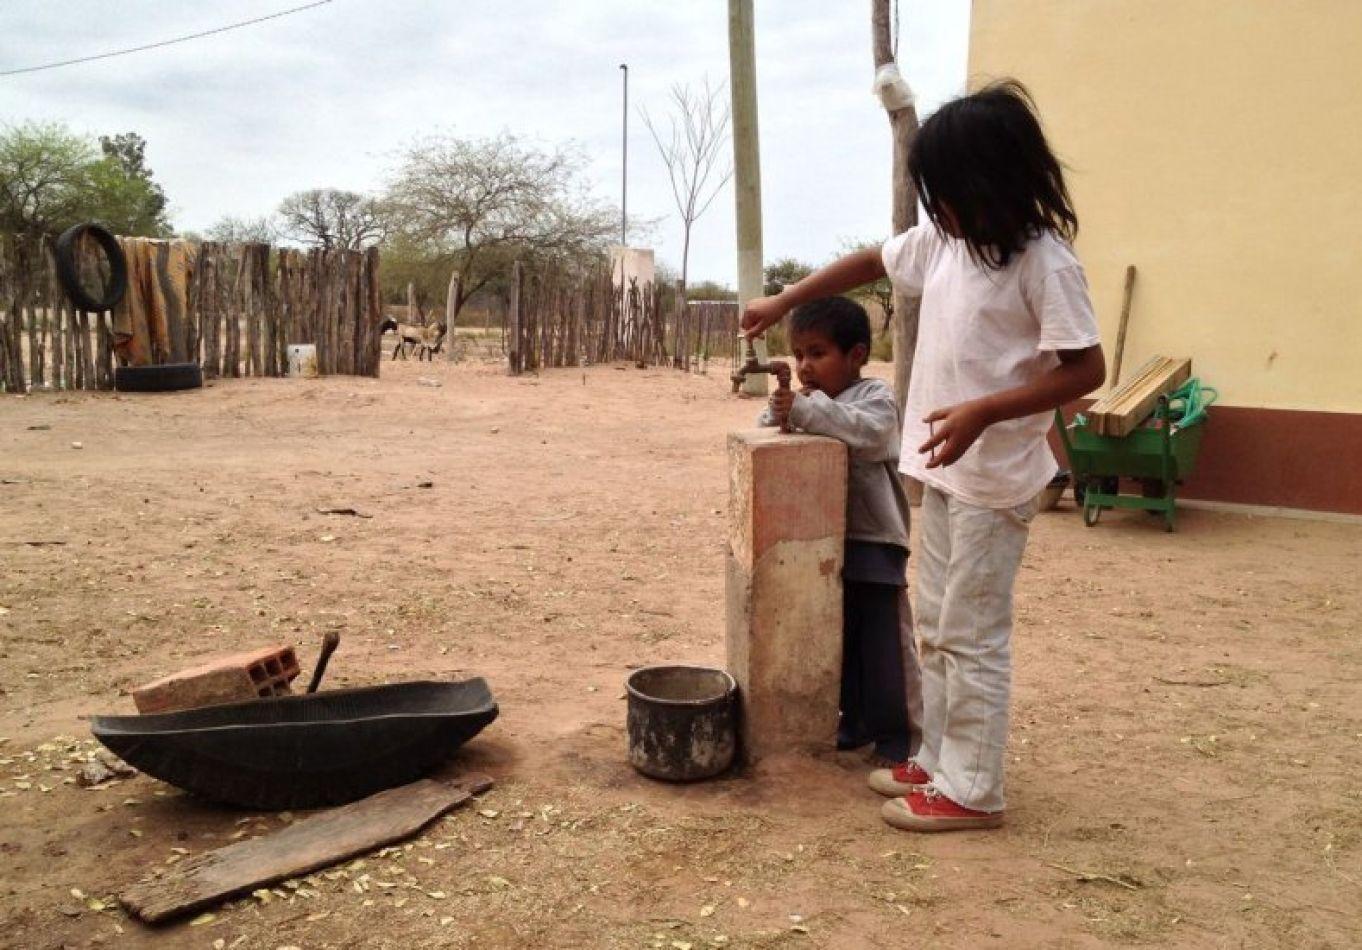 Otra muerte por desnutrición en Salta: ¿qué dicen los medios locales?